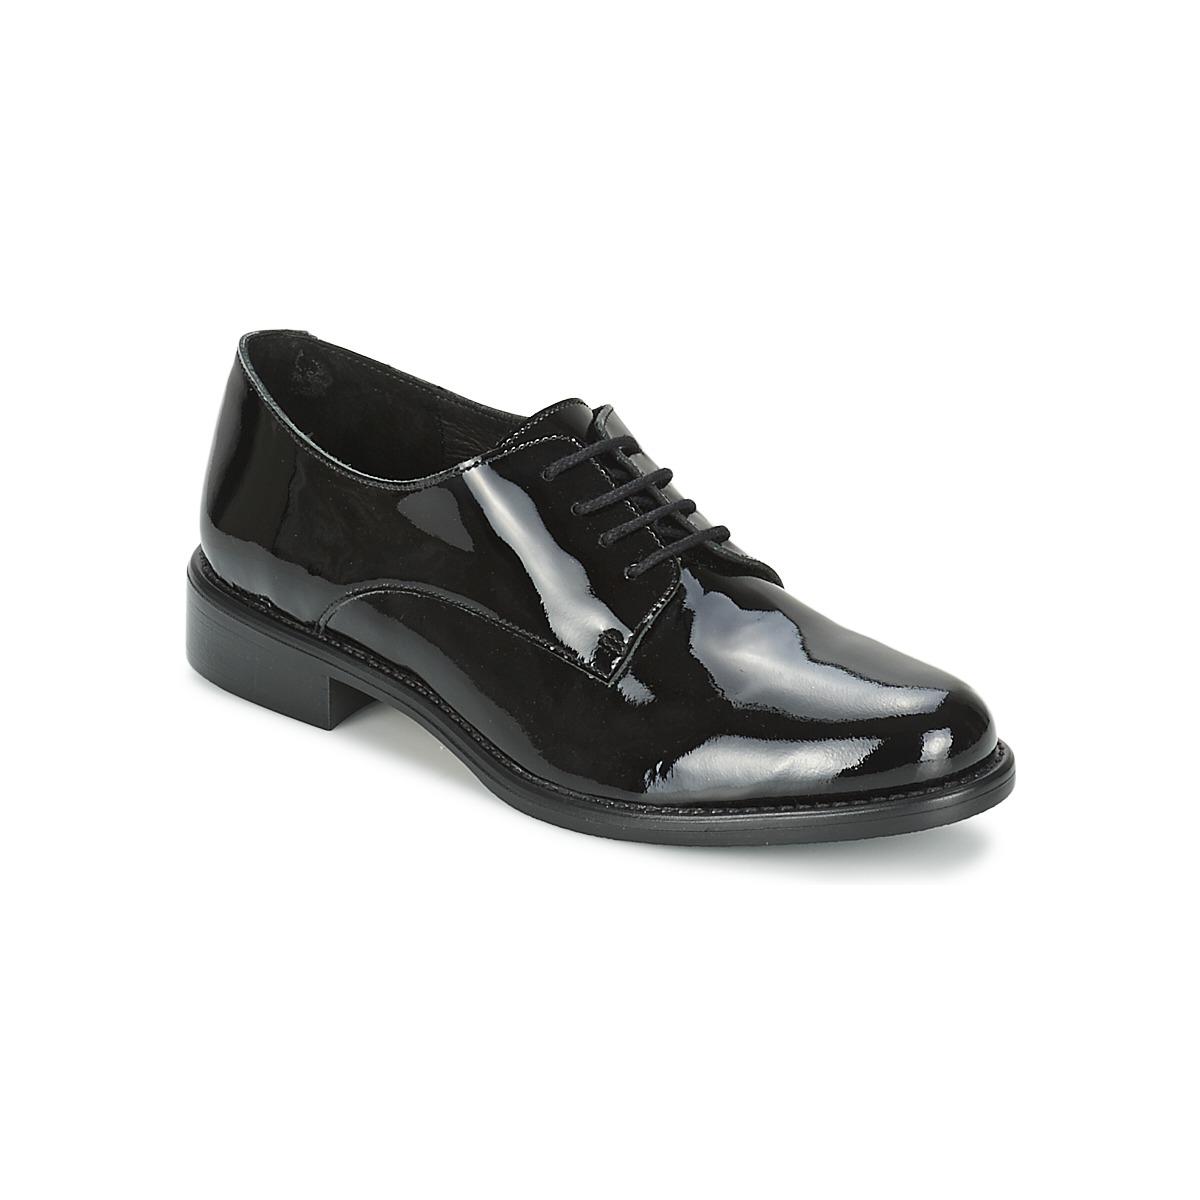 betty london caxo noir chaussure pas cher avec chaussures derbies femme 55 99. Black Bedroom Furniture Sets. Home Design Ideas